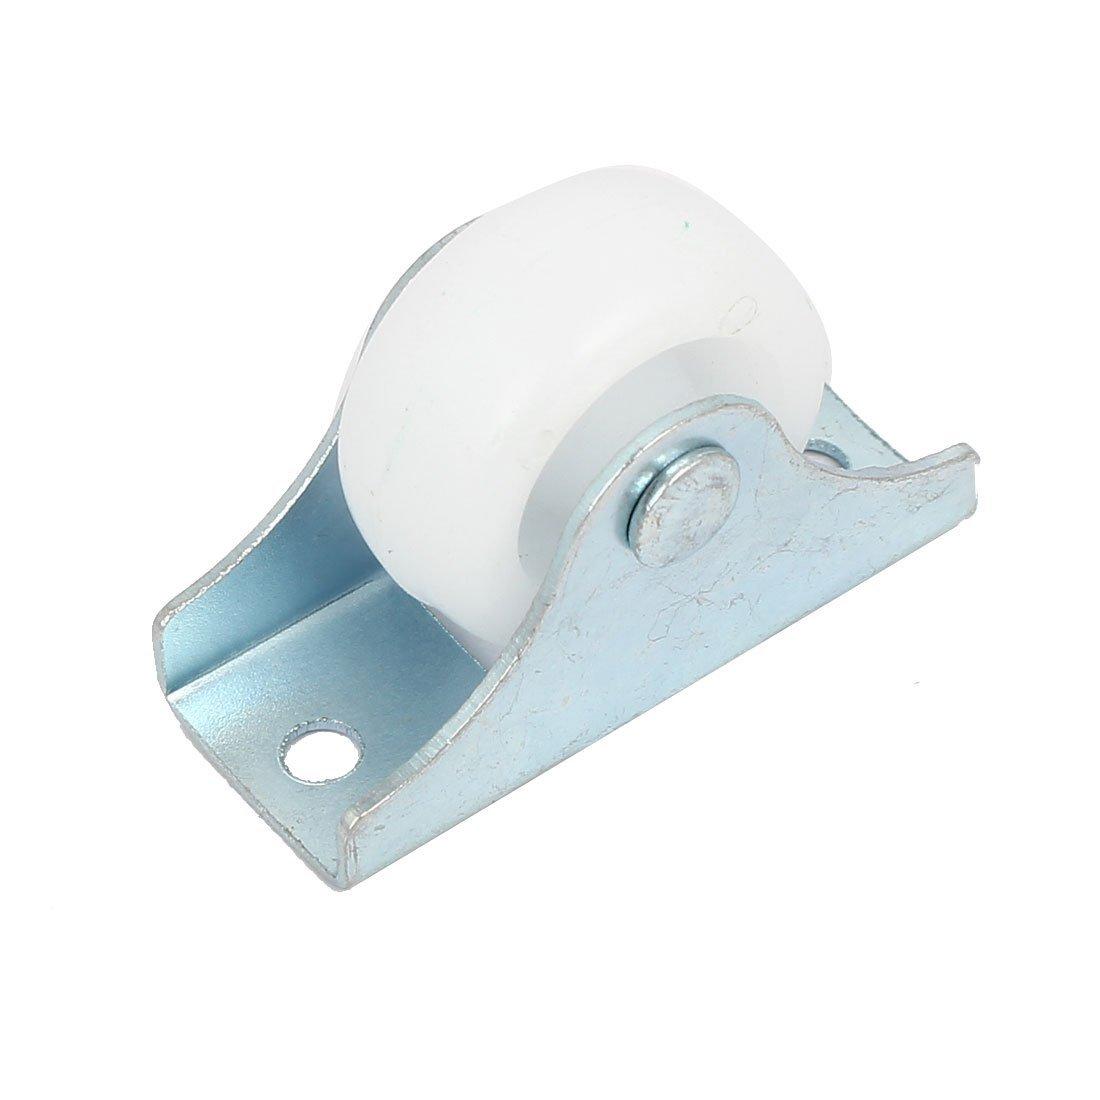 eDealMax DE 1 pulgada de Nylon sola rueda Metal de la placa Plana No giratorio del balanceo de la carretilla Ruedas 7pcs: Amazon.com: Industrial & ...